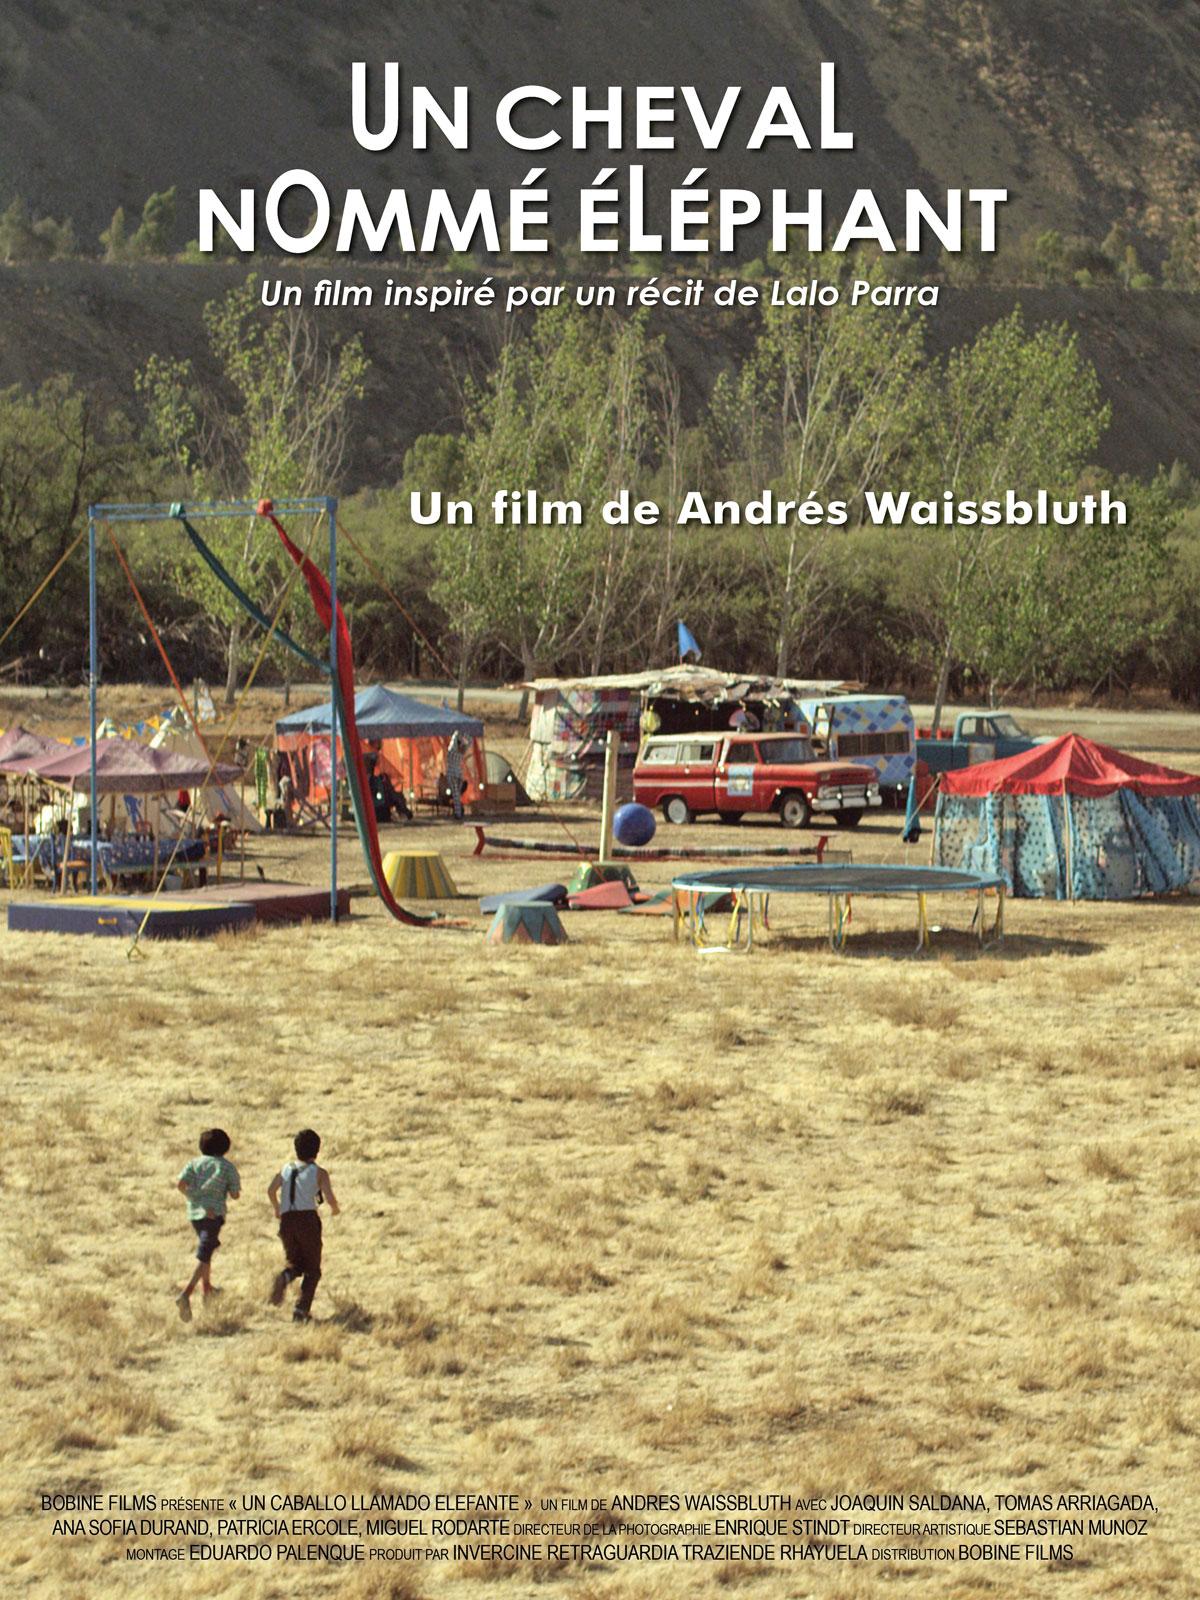 Un cheval nommé éléphant